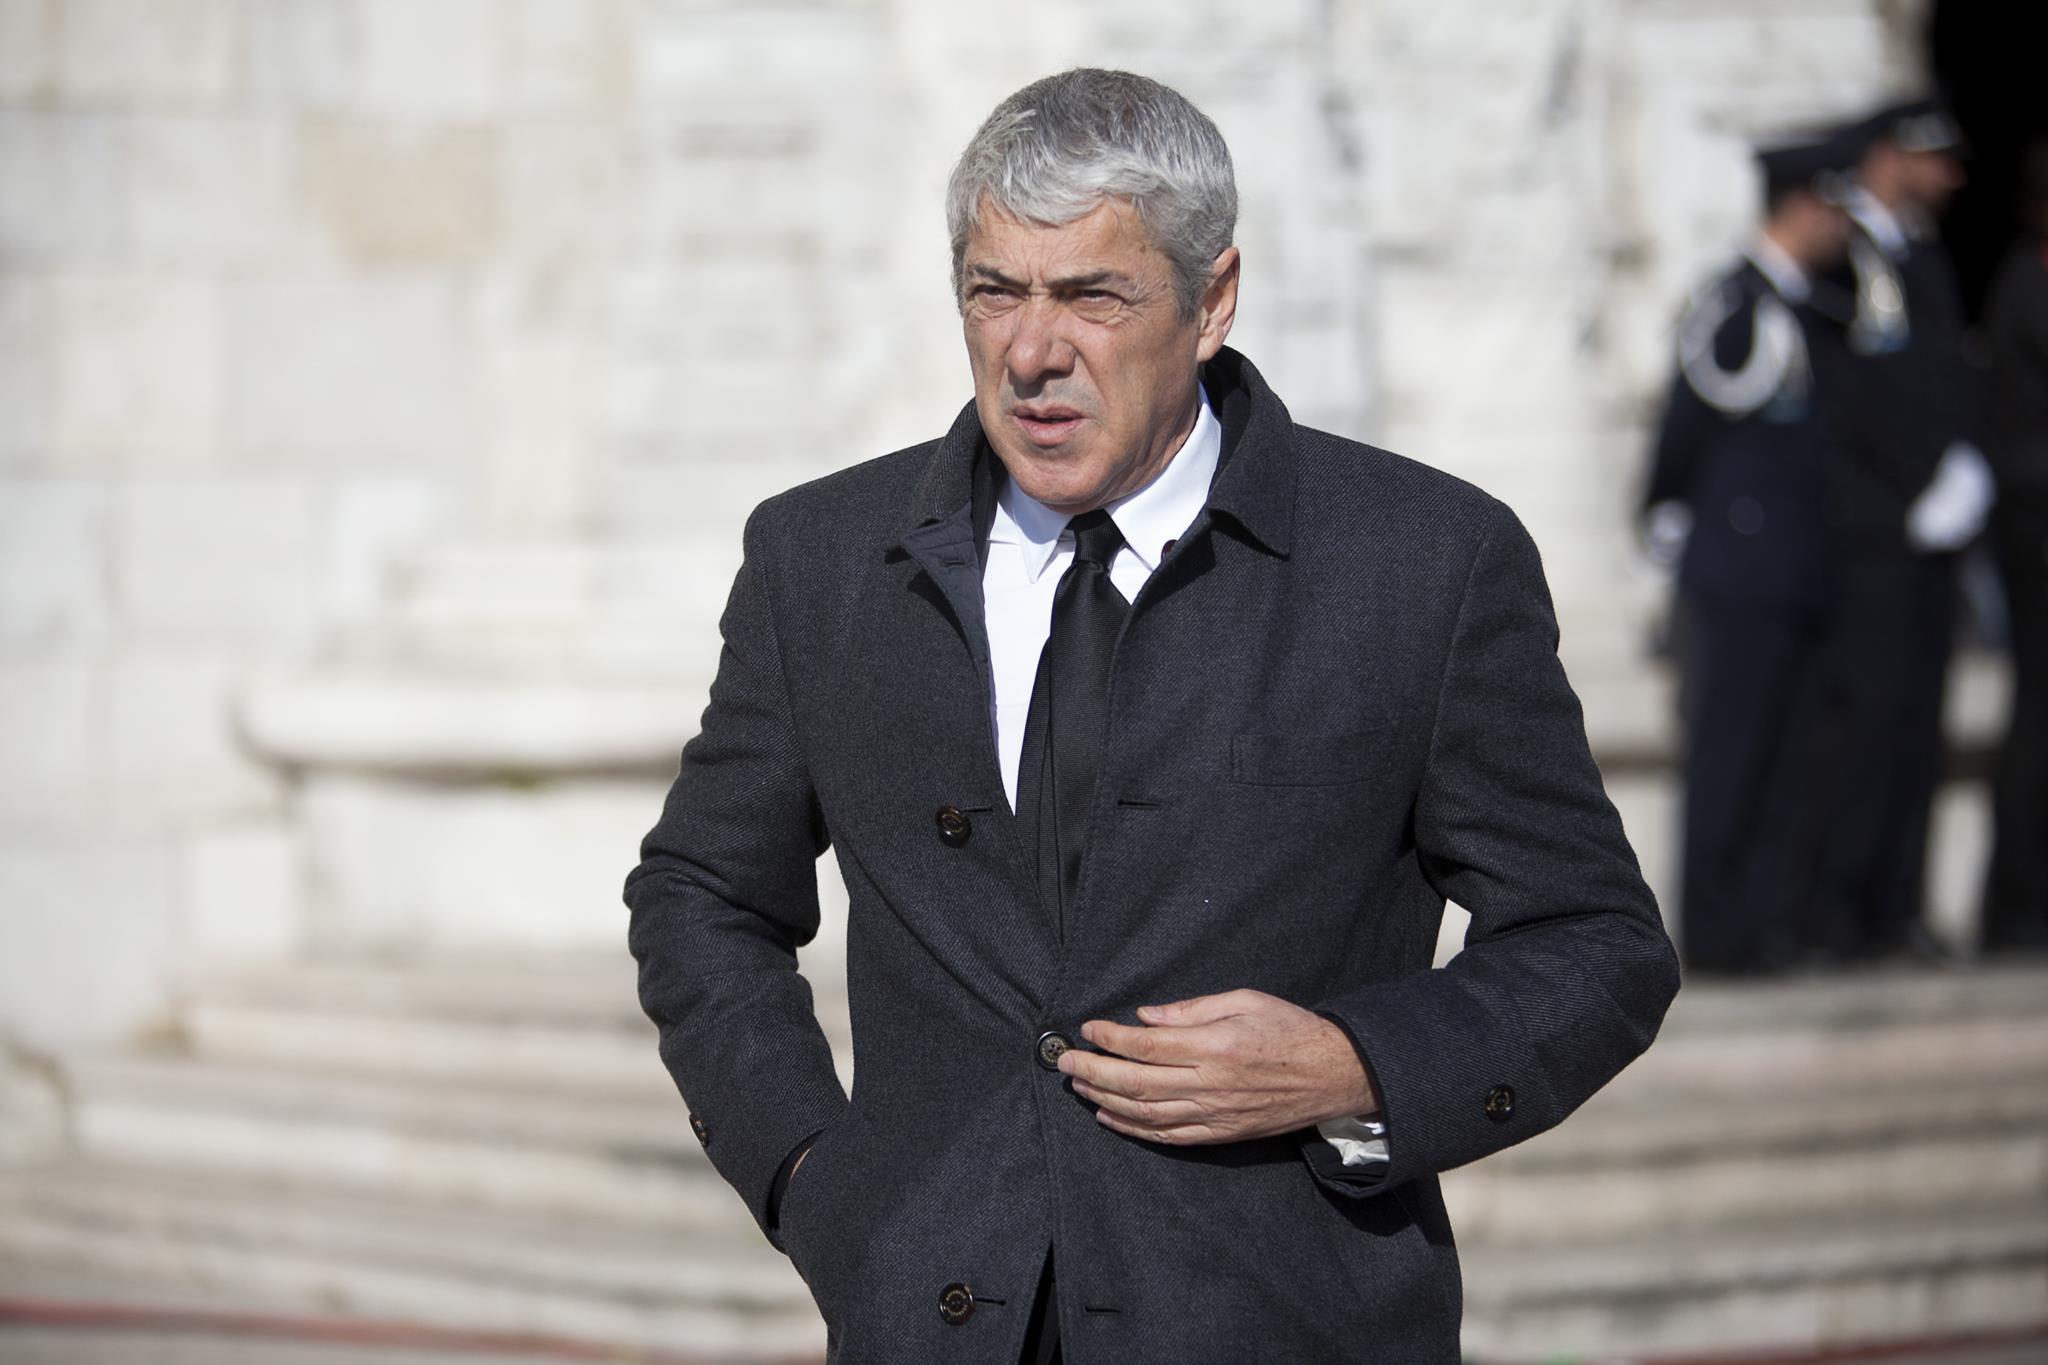 PÚBLICO - Ministério Público não quer juiz Rui Rangel a decidir sobre Sócrates